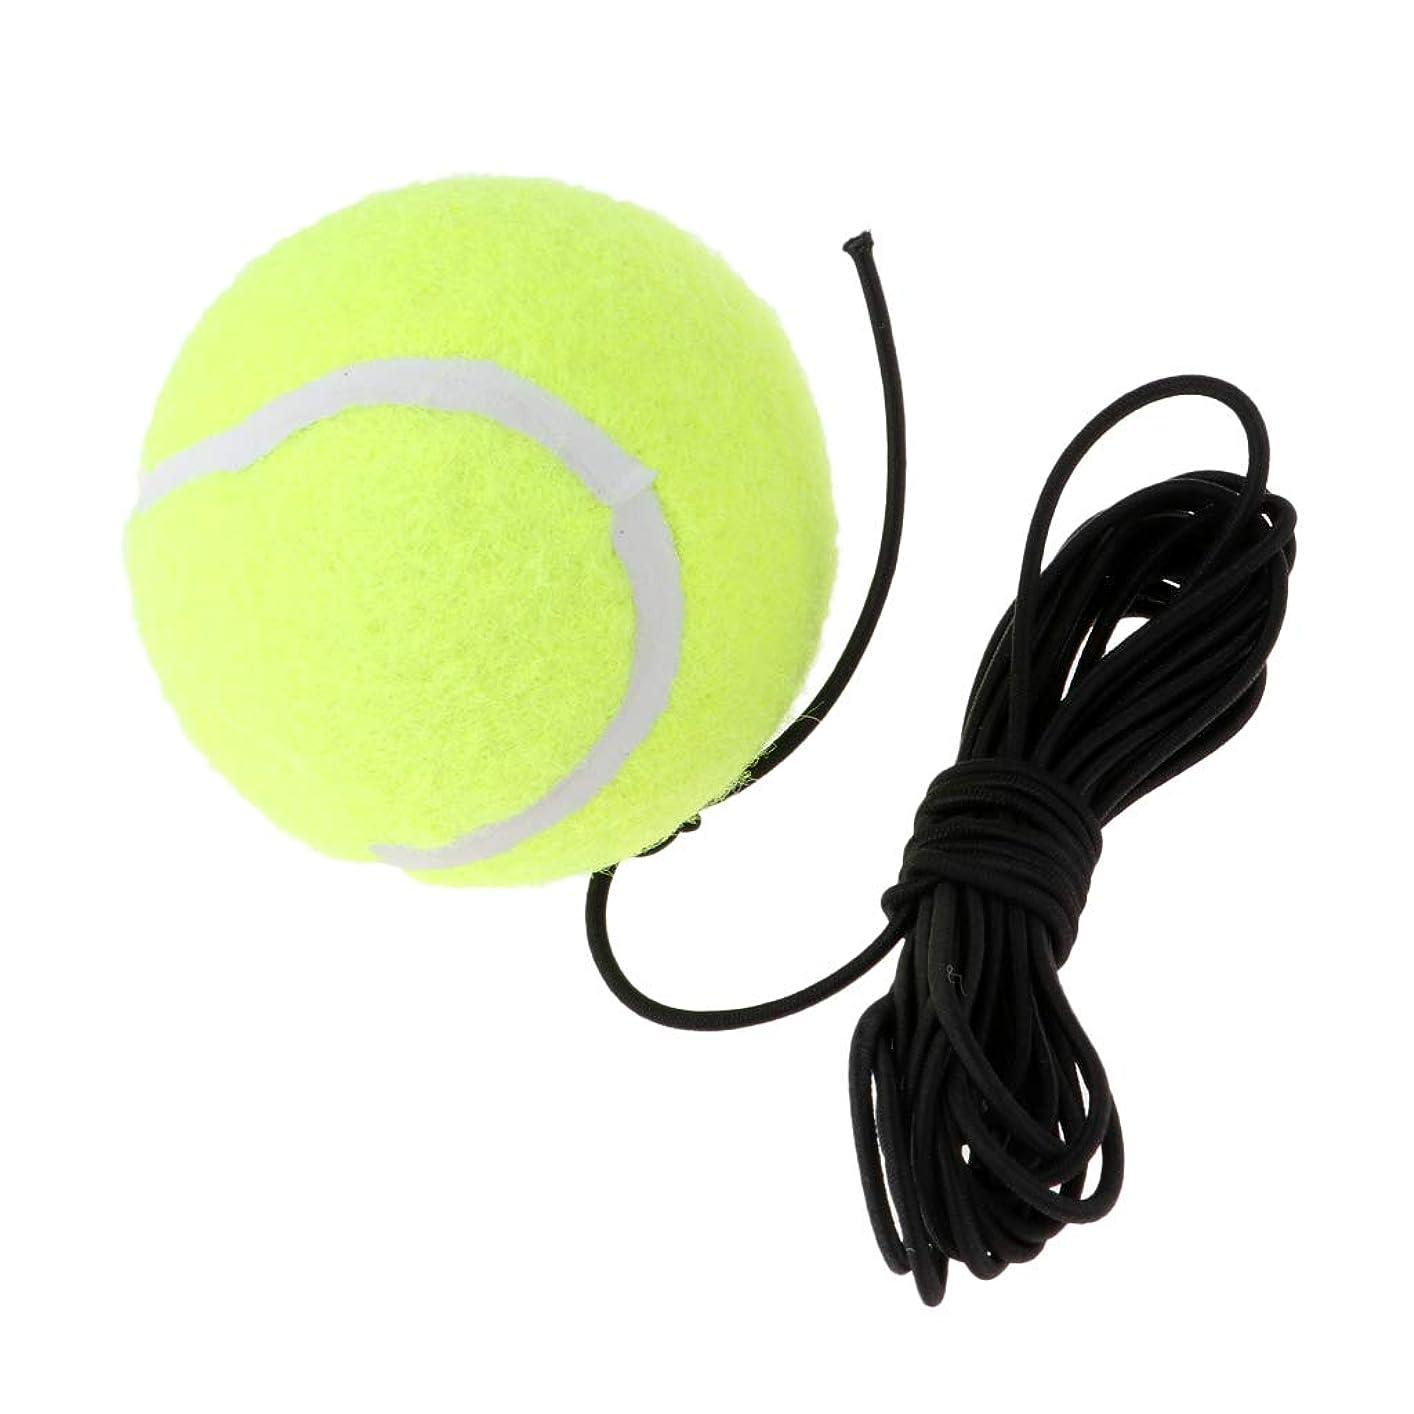 検索エンジンマーケティング飲み込む側面D DOLITY テニストレーナーボール テニス練習ボール 替えボール ひも付き